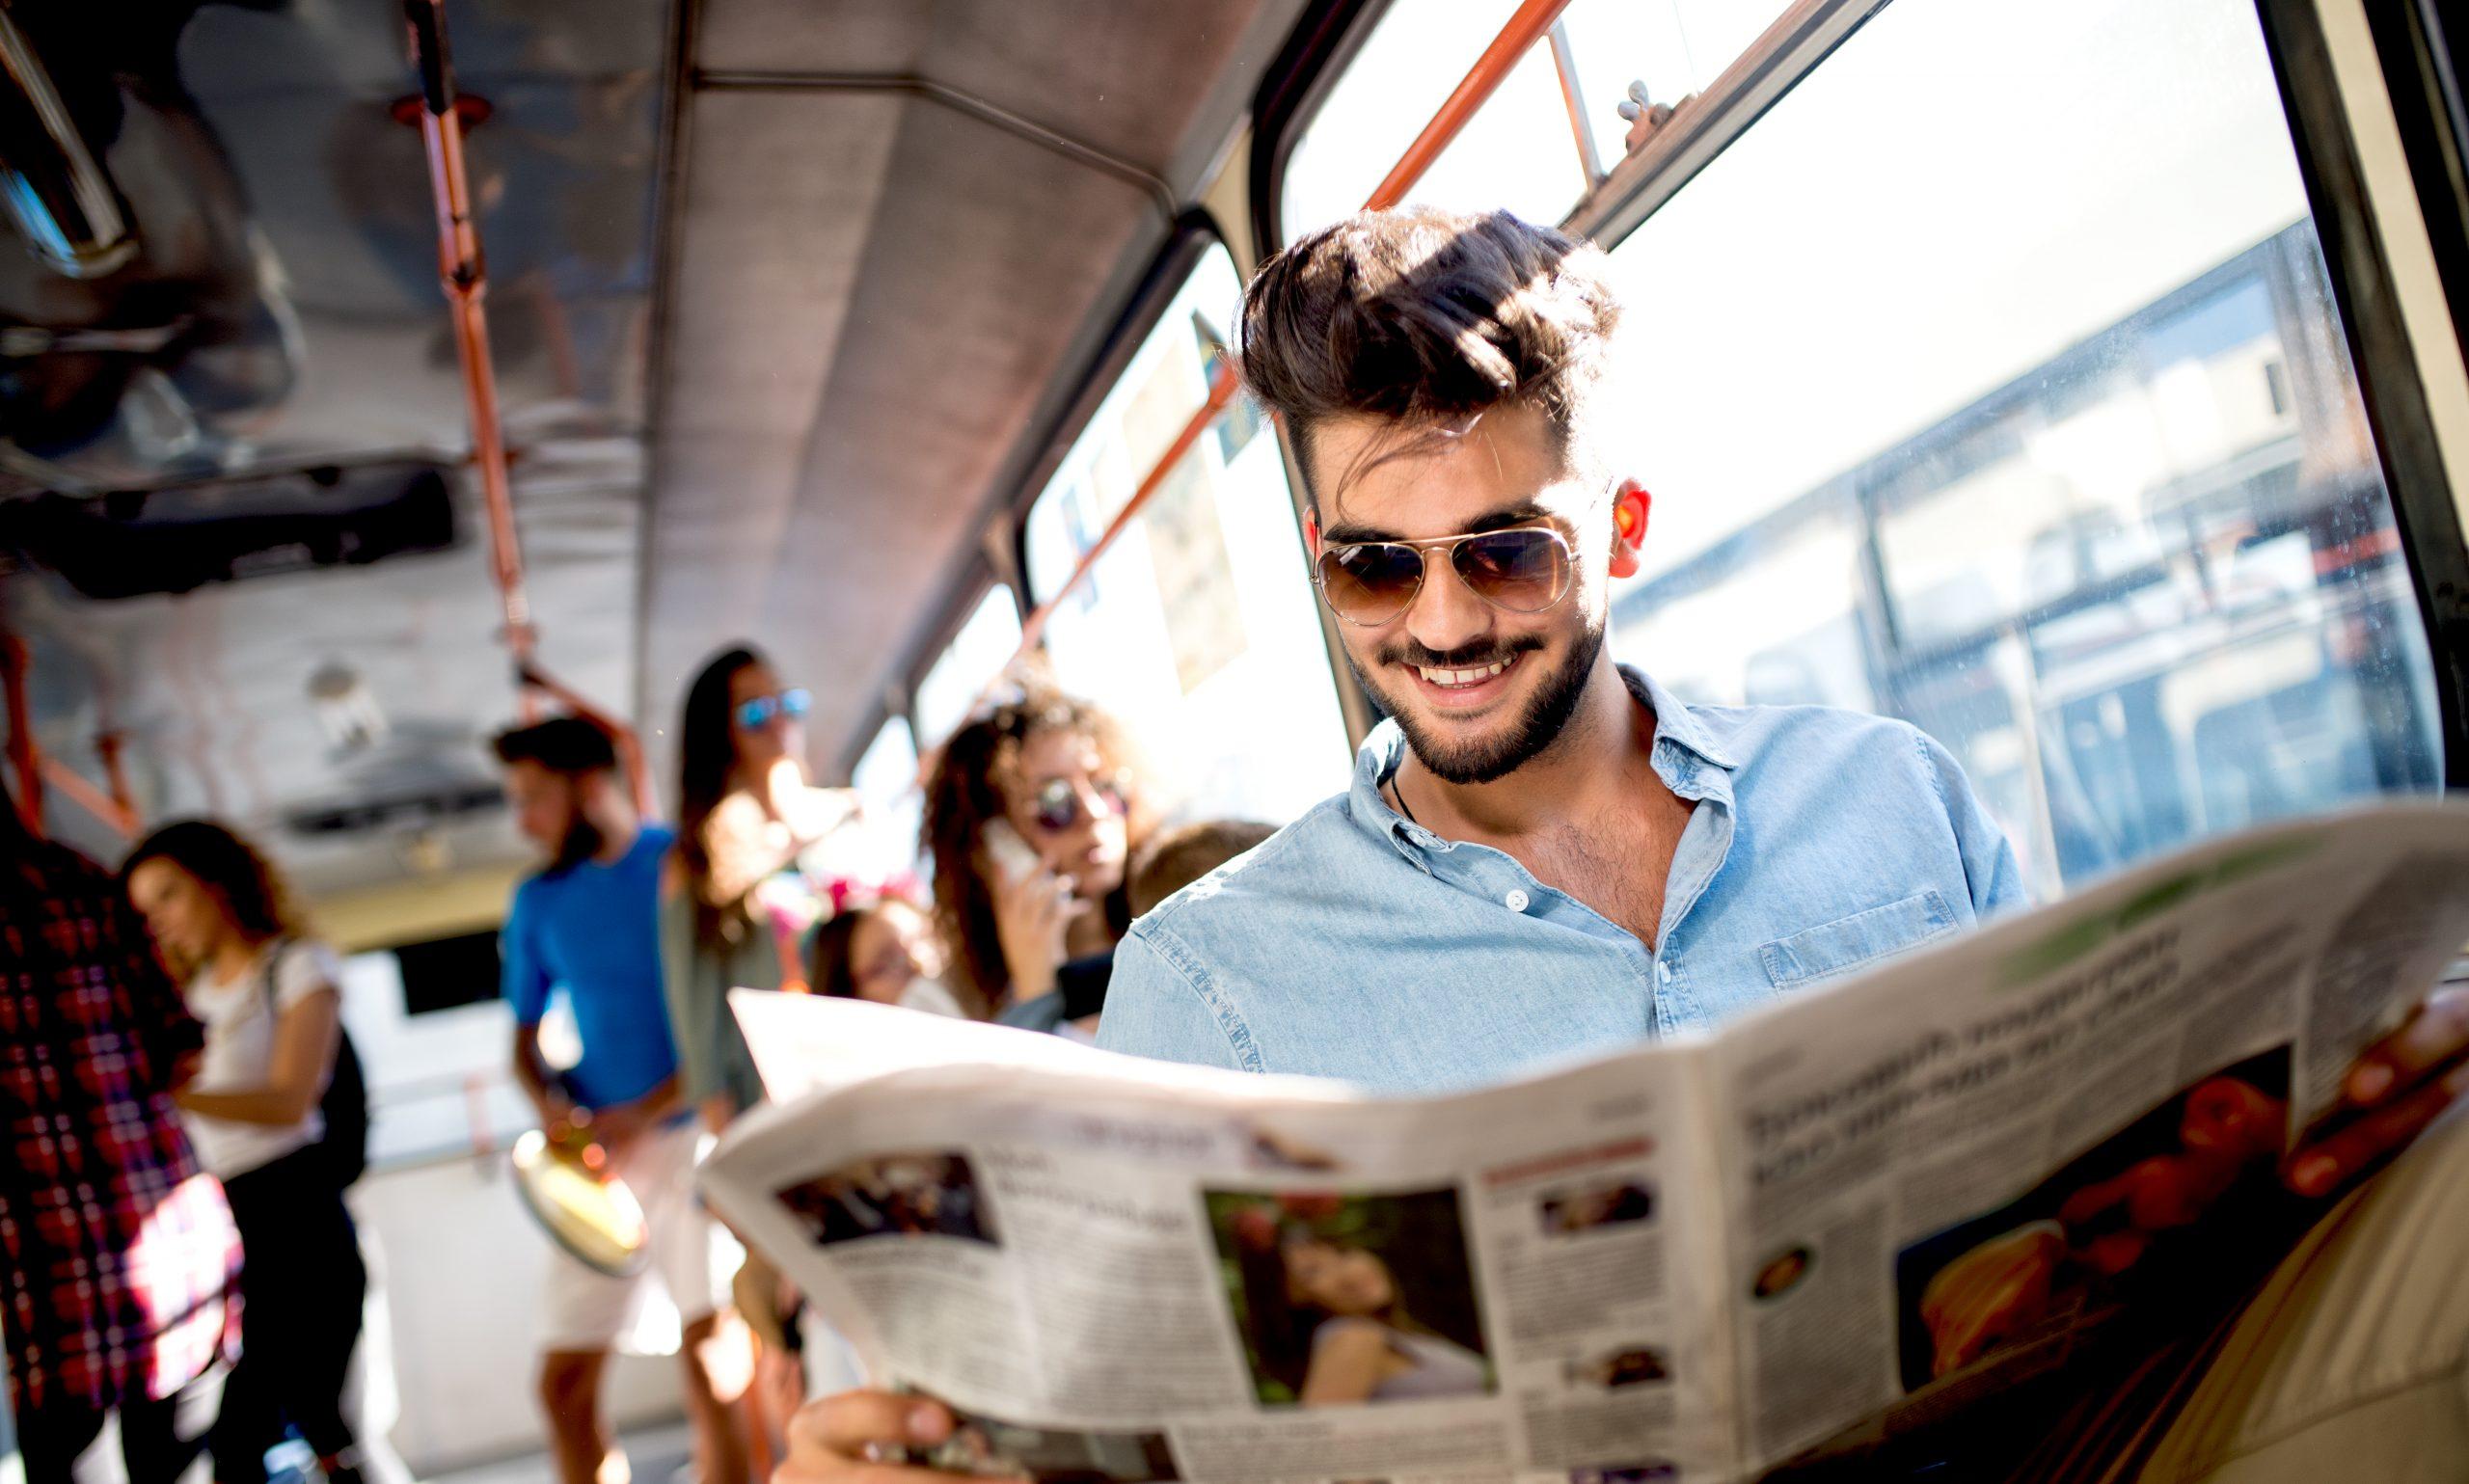 Zeitungsleser in Bahn